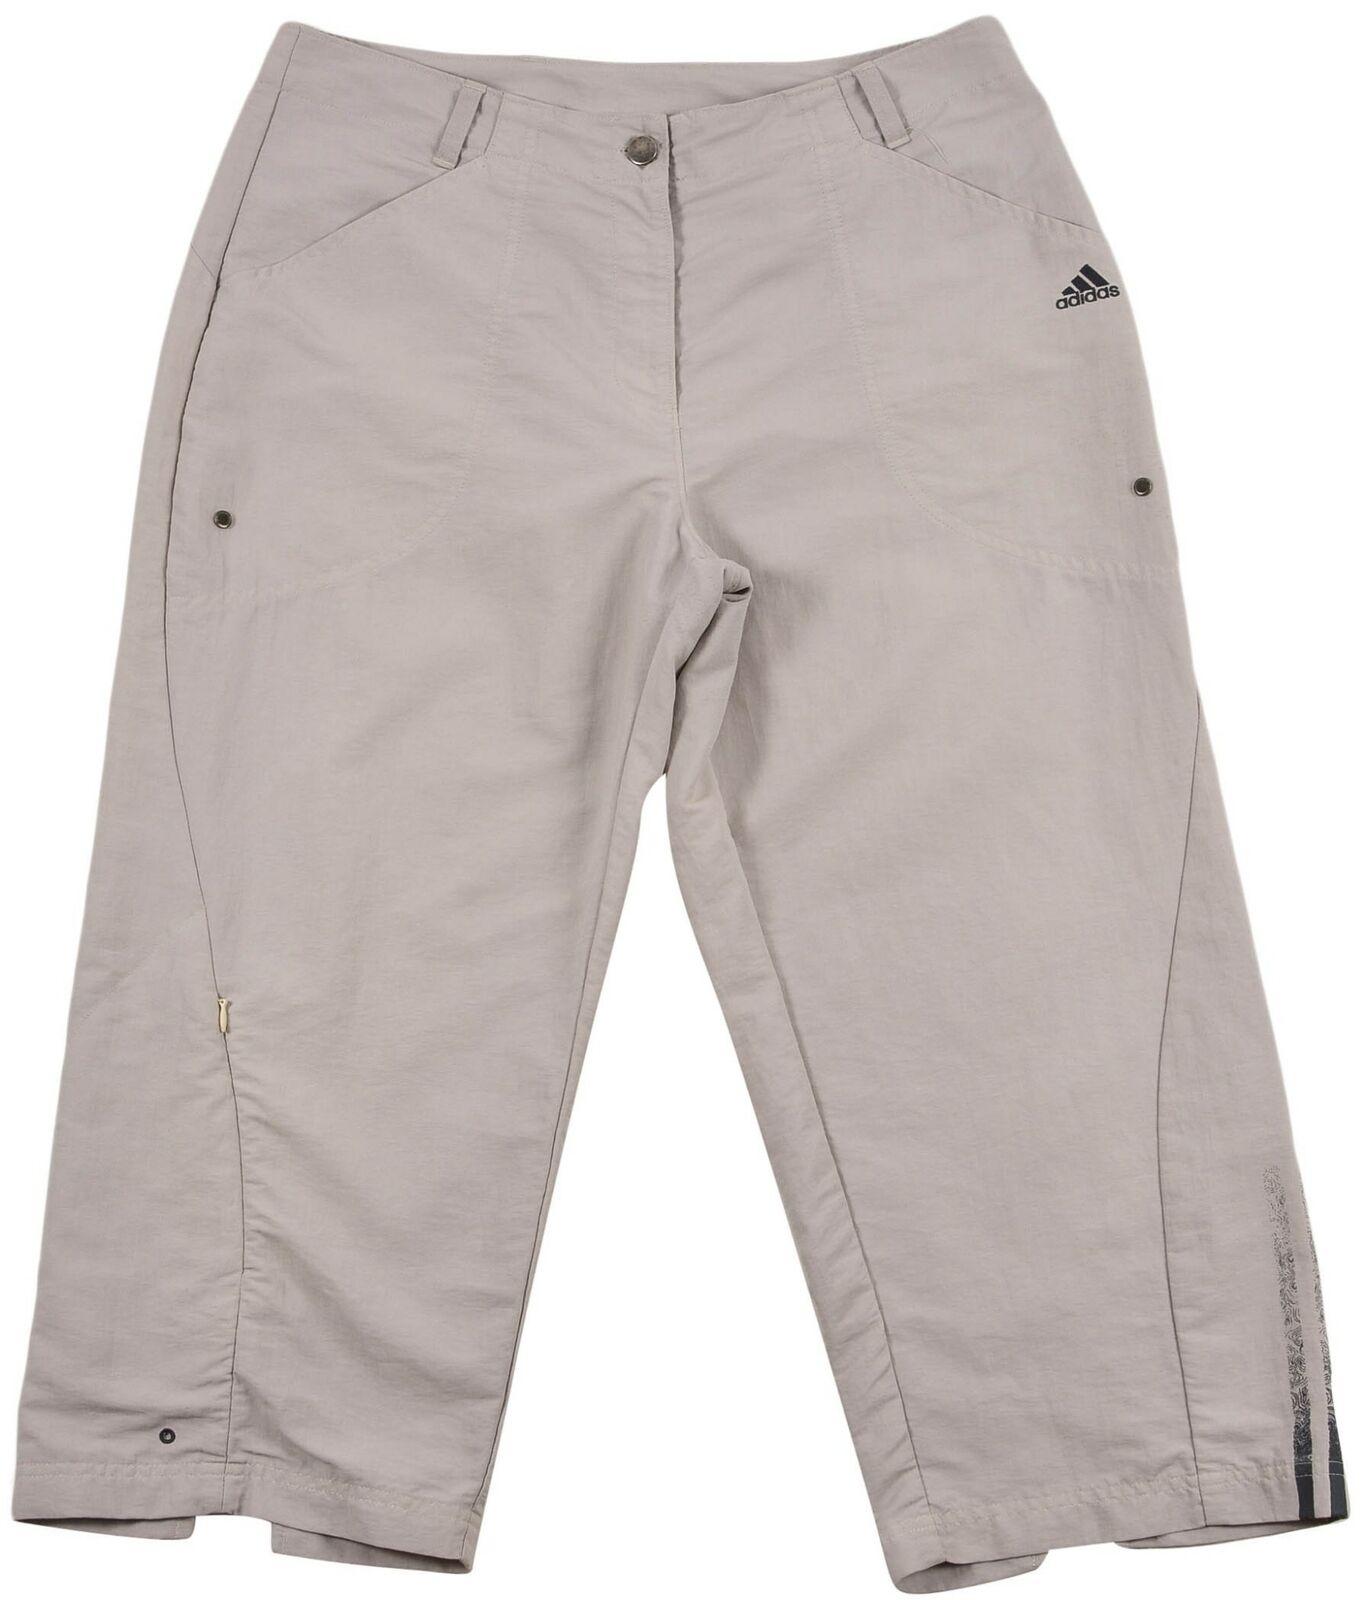 Adidas 3 Streifen Damen Locker Capri Hose Shorts Größe UK-18 US14 Beige Original